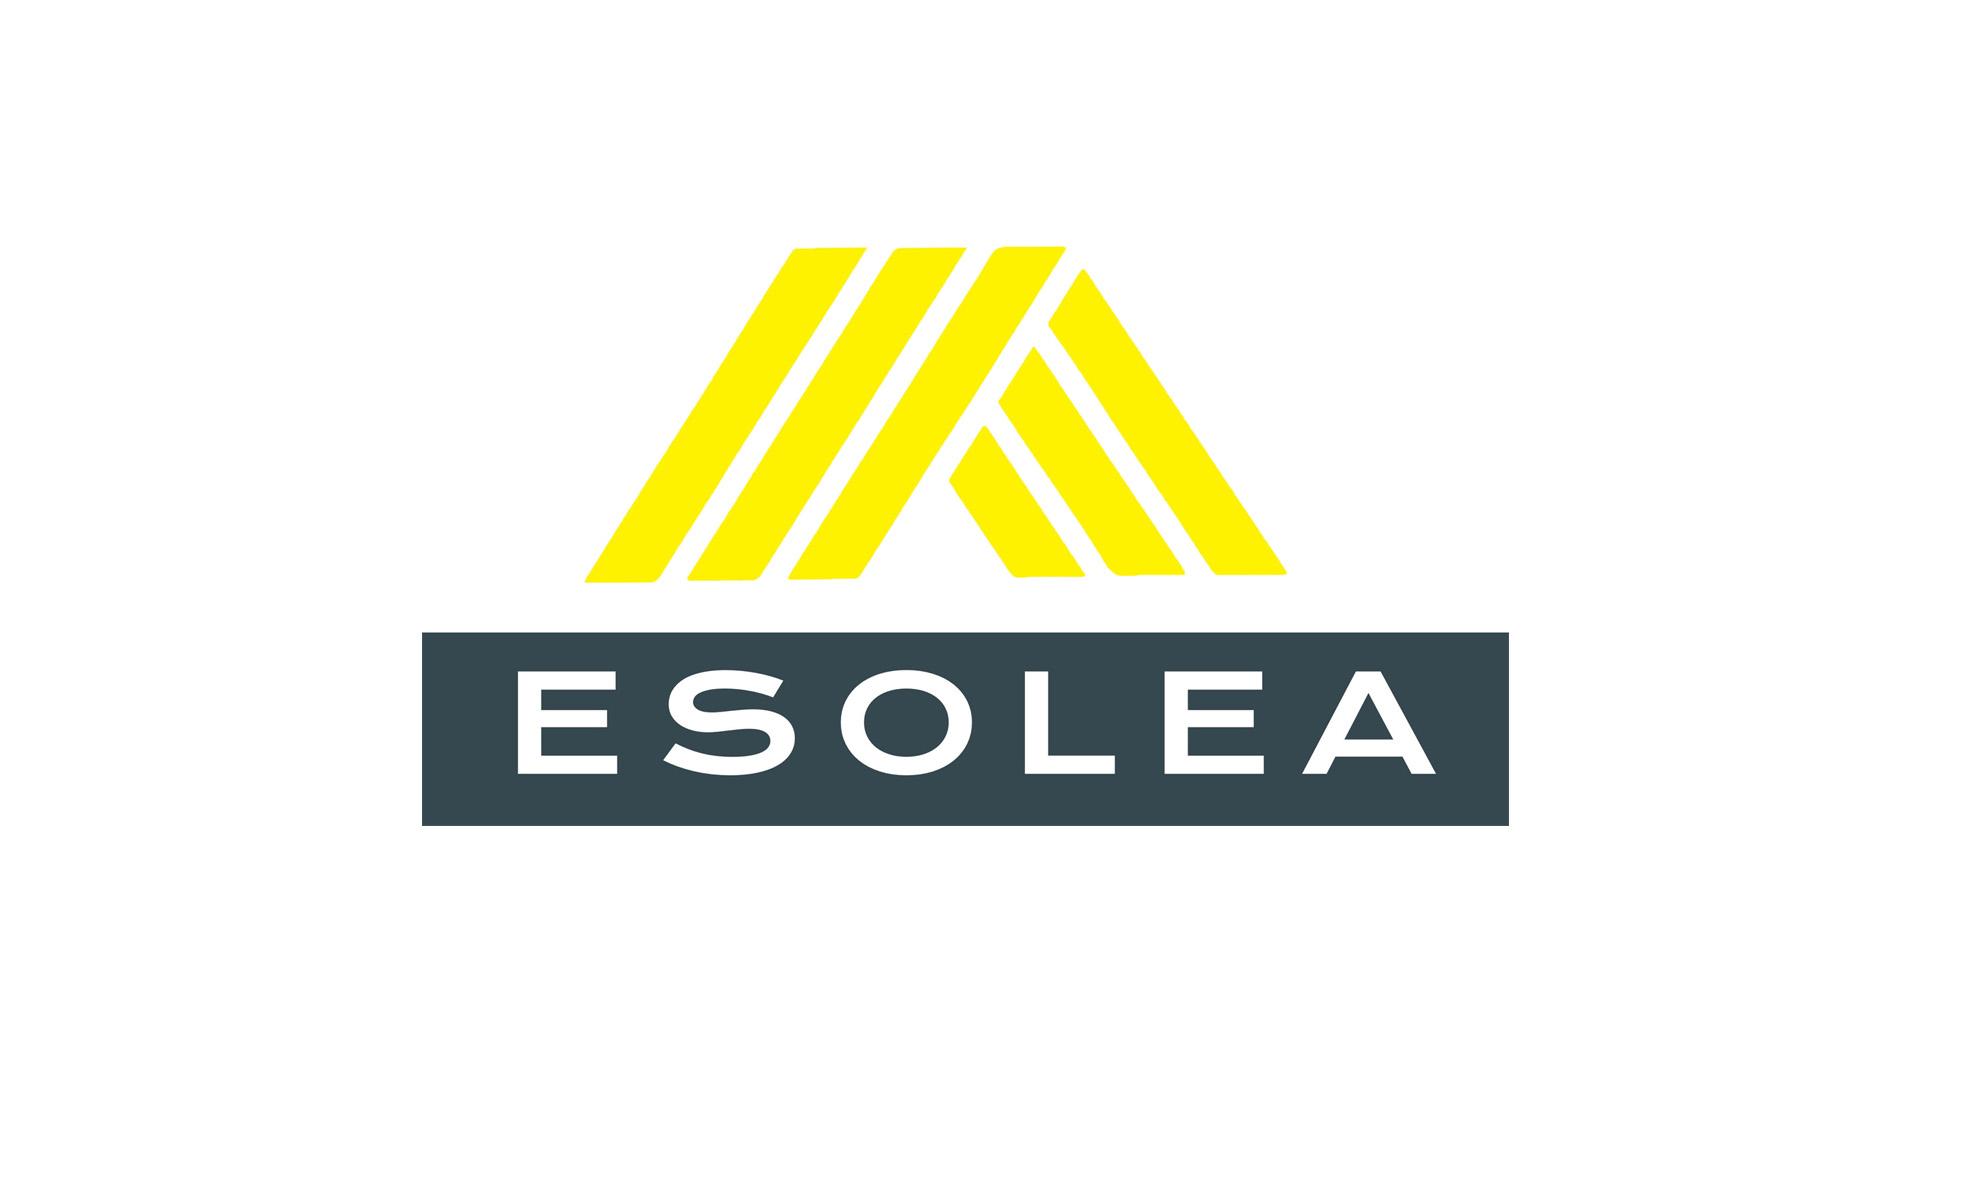 Esolea